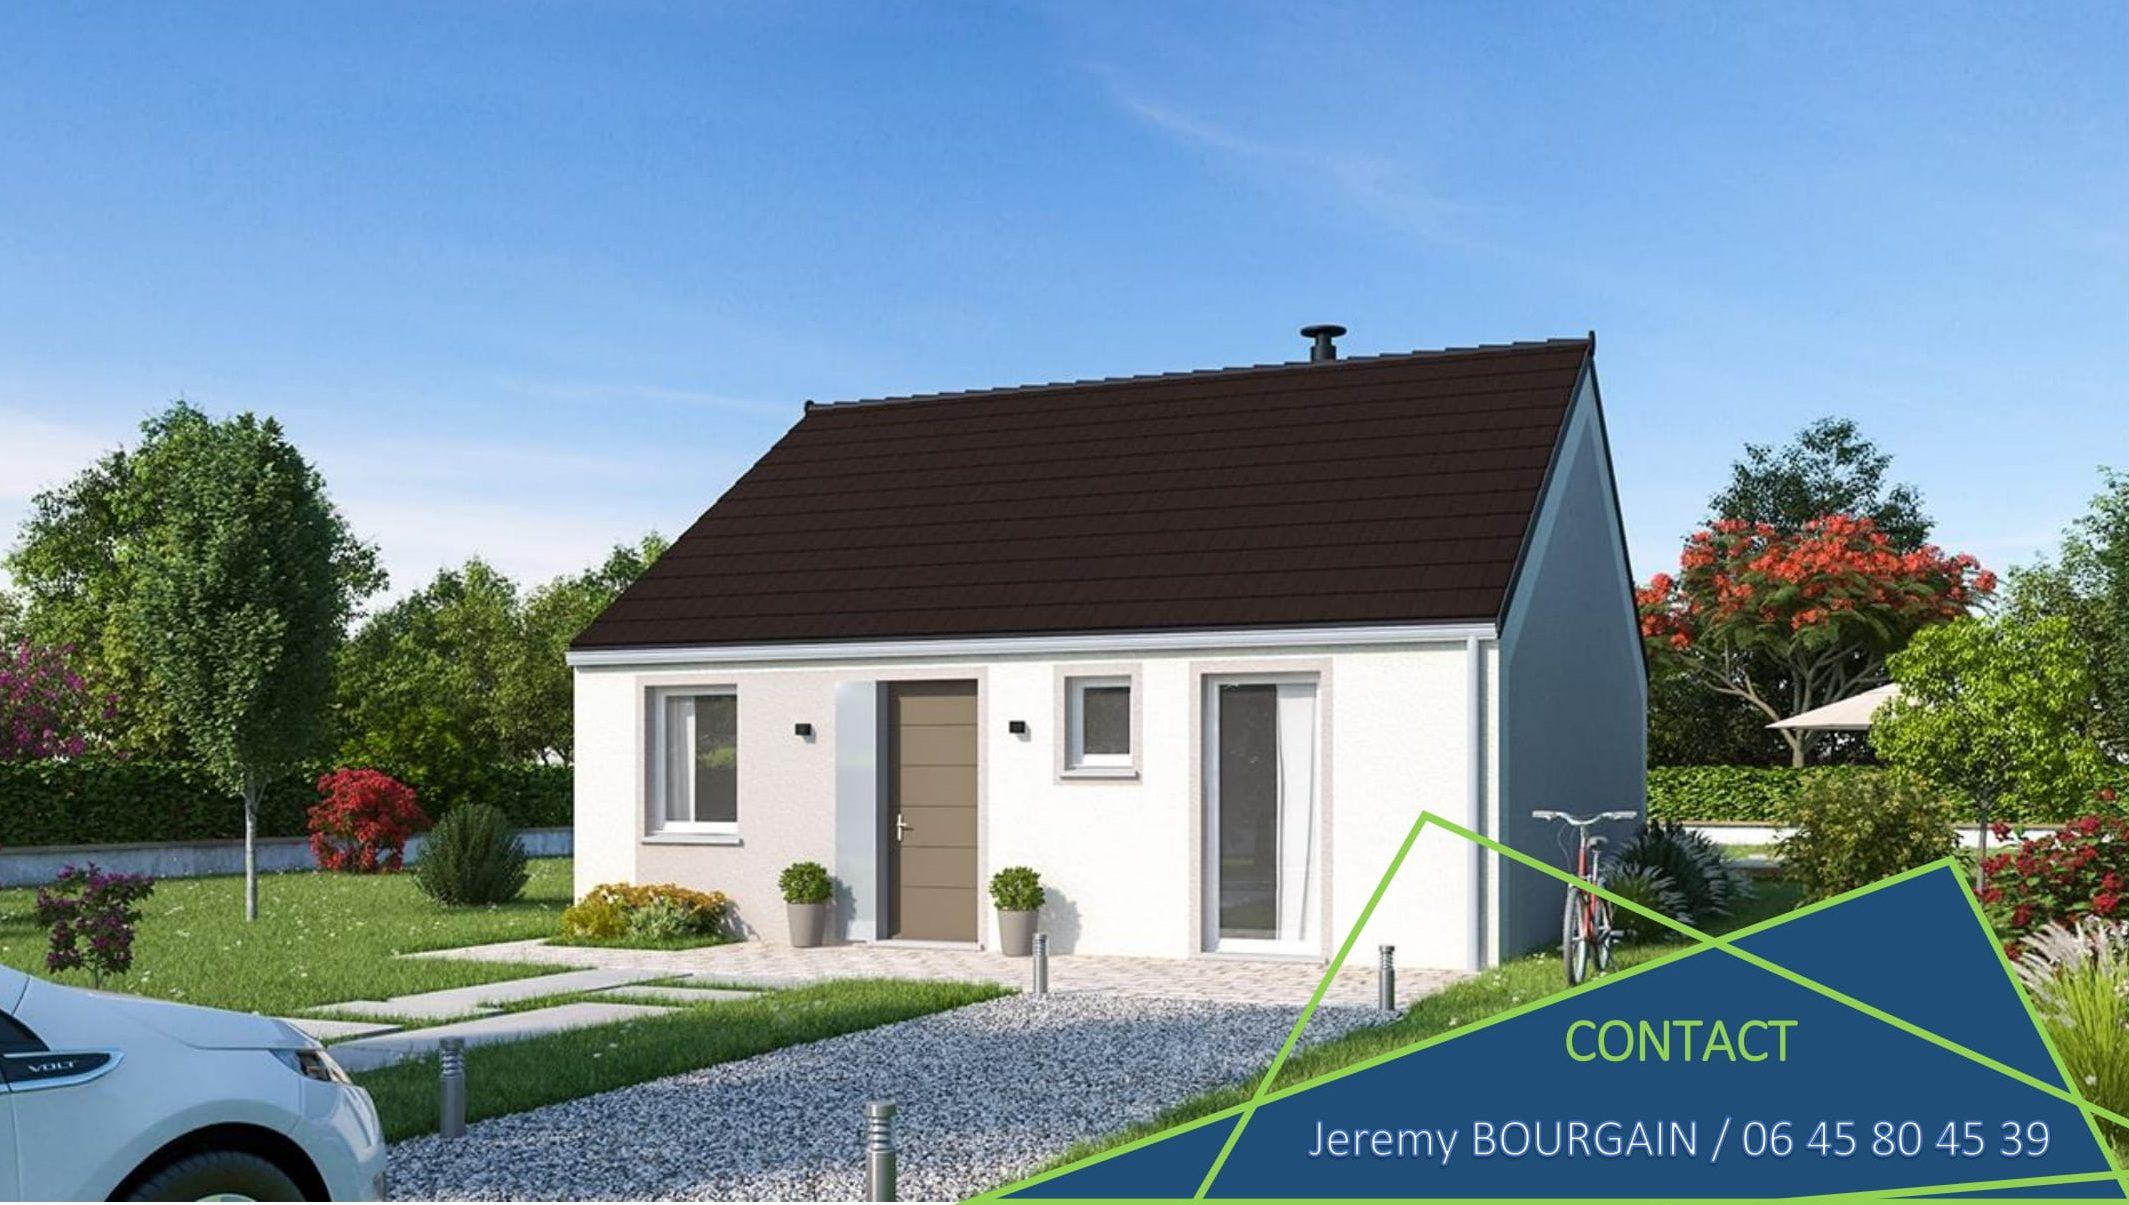 Maisons + Terrains du constructeur MAISONS PHENIX LEZENNES • 65 m² • BEUVRY LA FORET